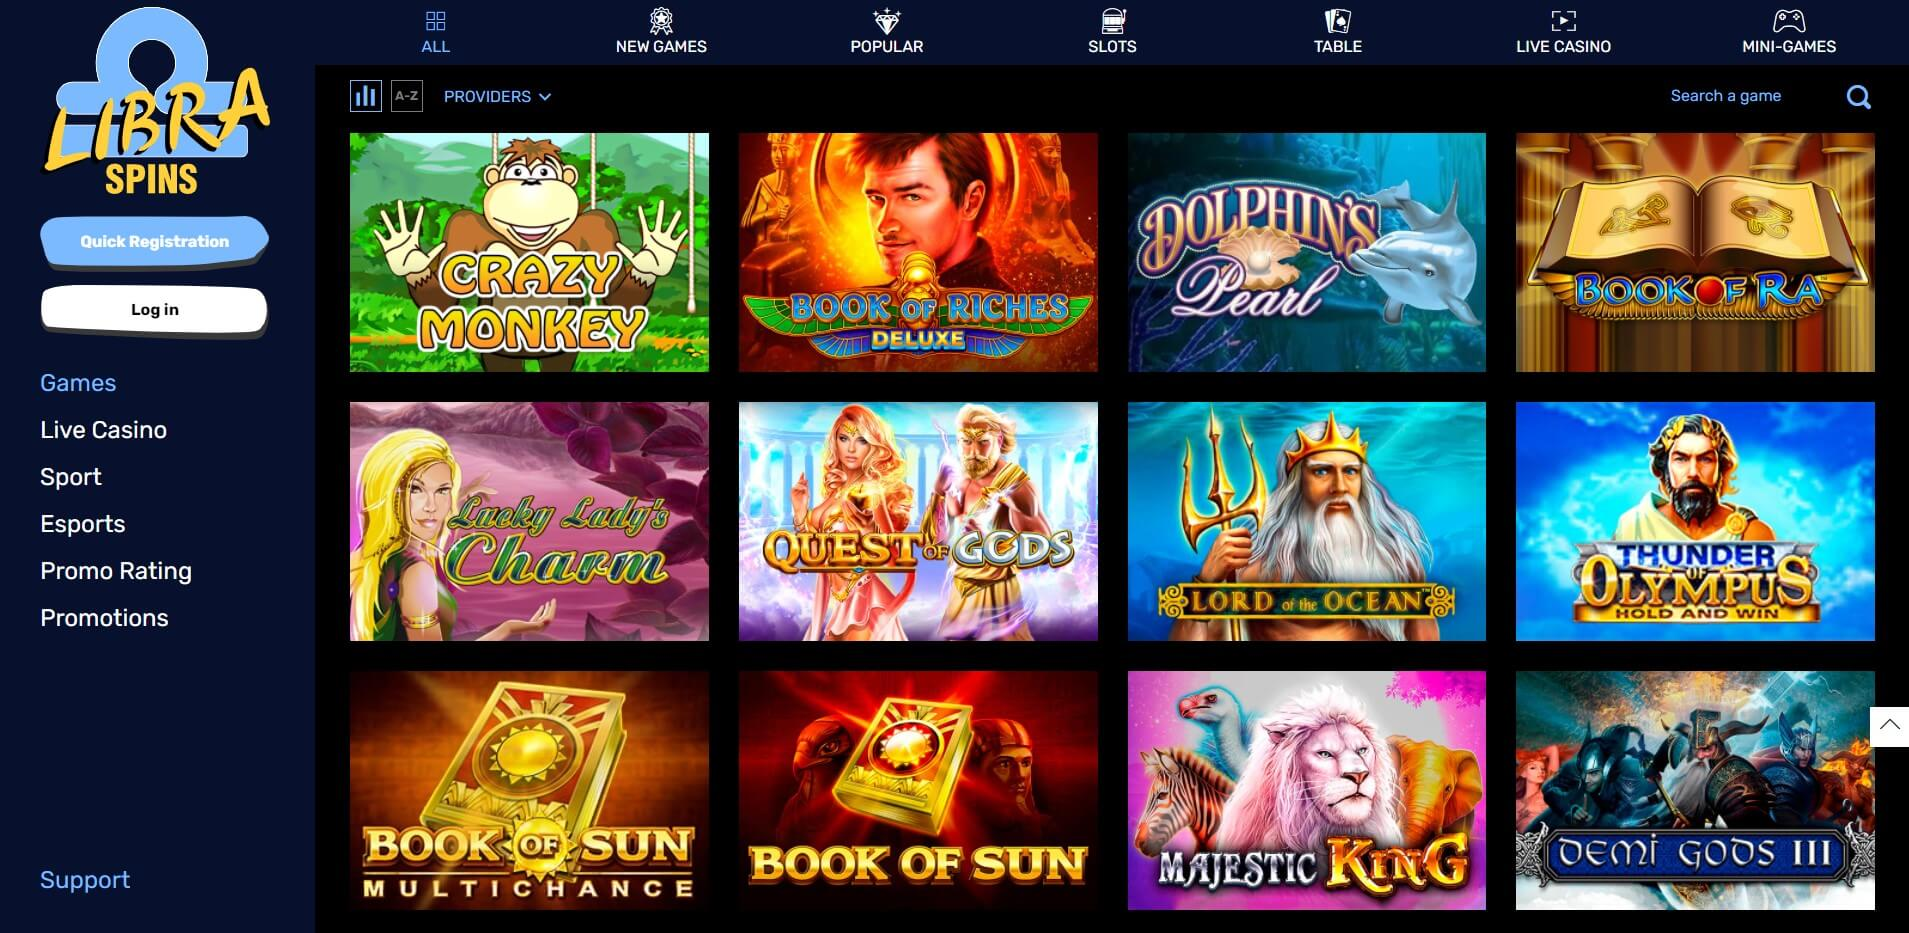 Games at Libra Spins Casino